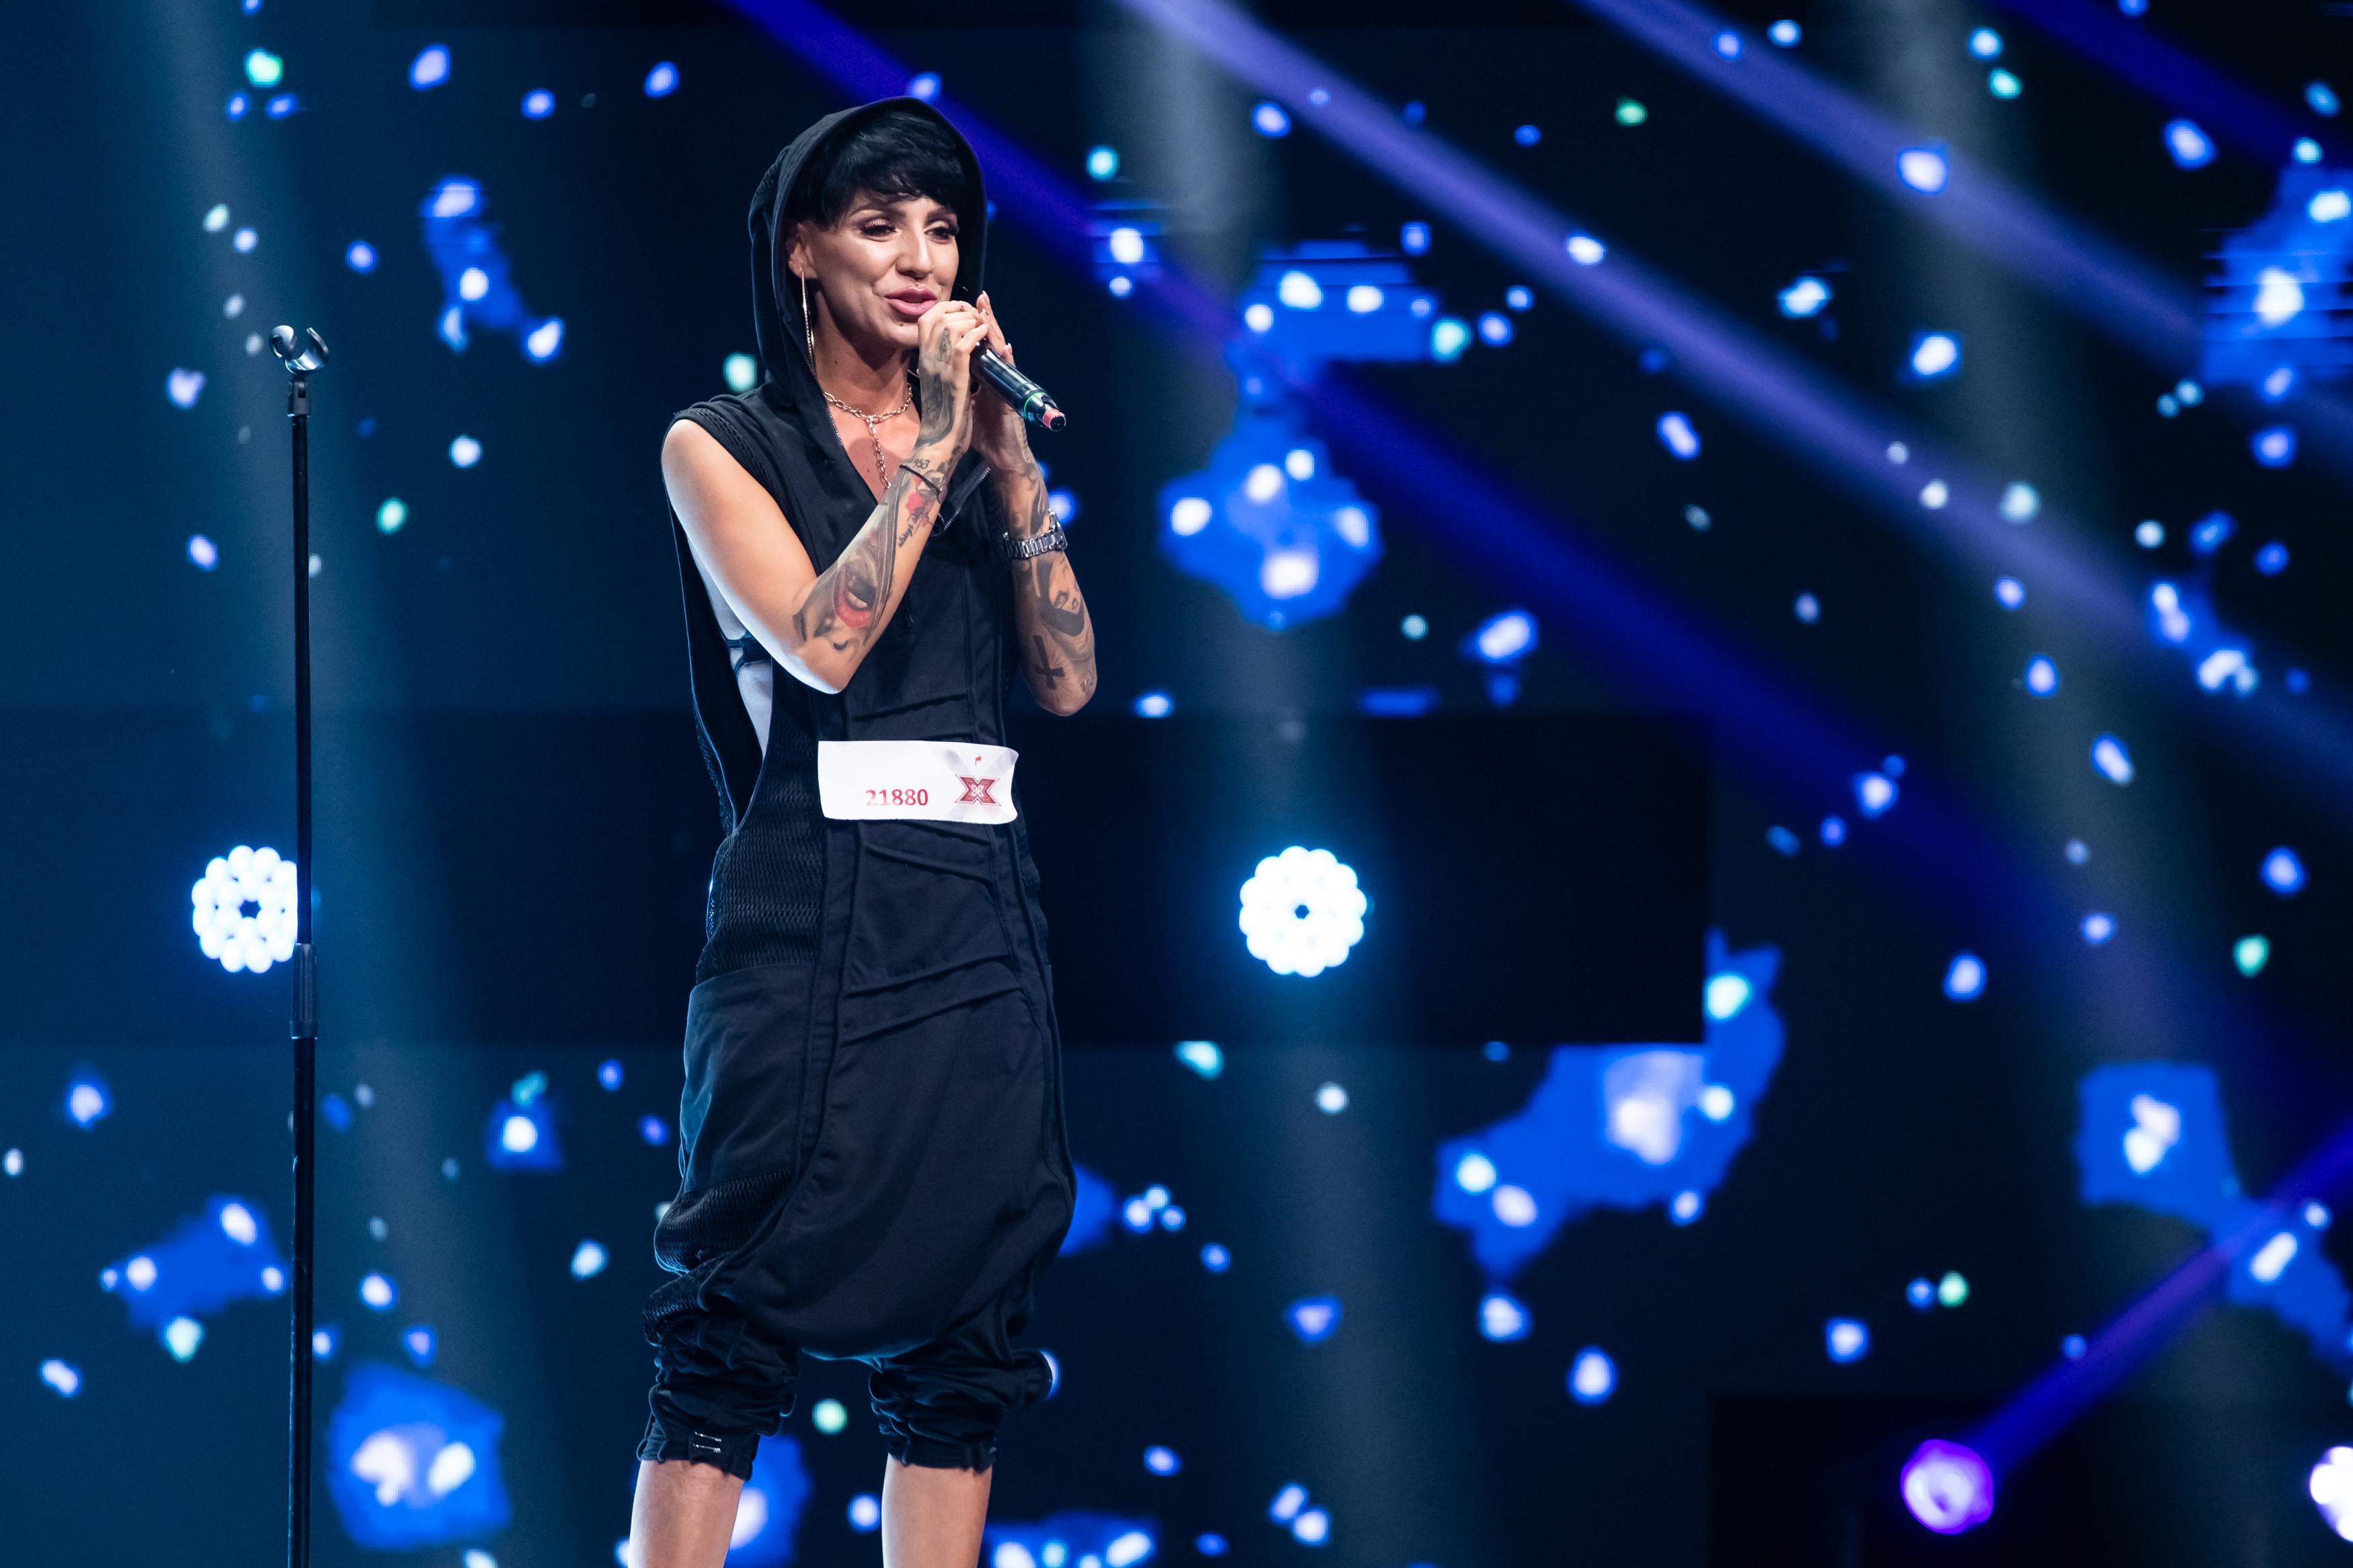 Cristina Gheorghe, o adevărată apariție pe scena X Factor. Concurenta despre care Delia a spus că are un potențial enorm